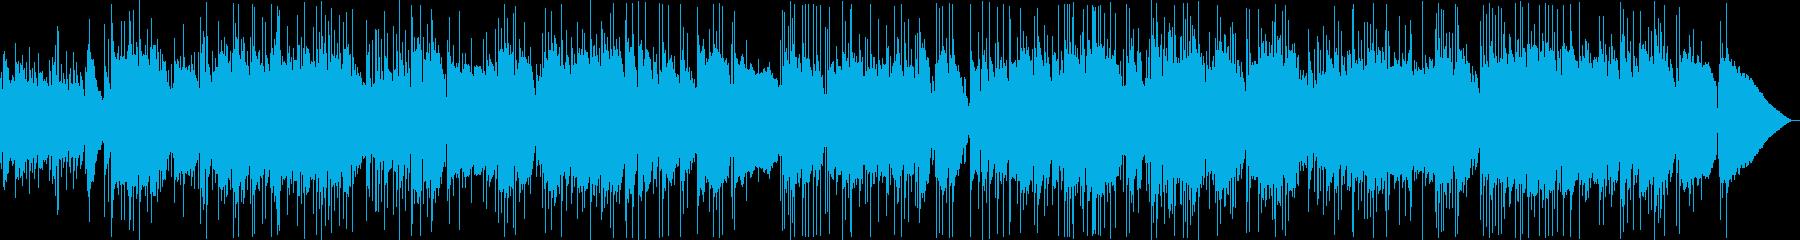 郷愁漂うヒーリングミュージックの再生済みの波形